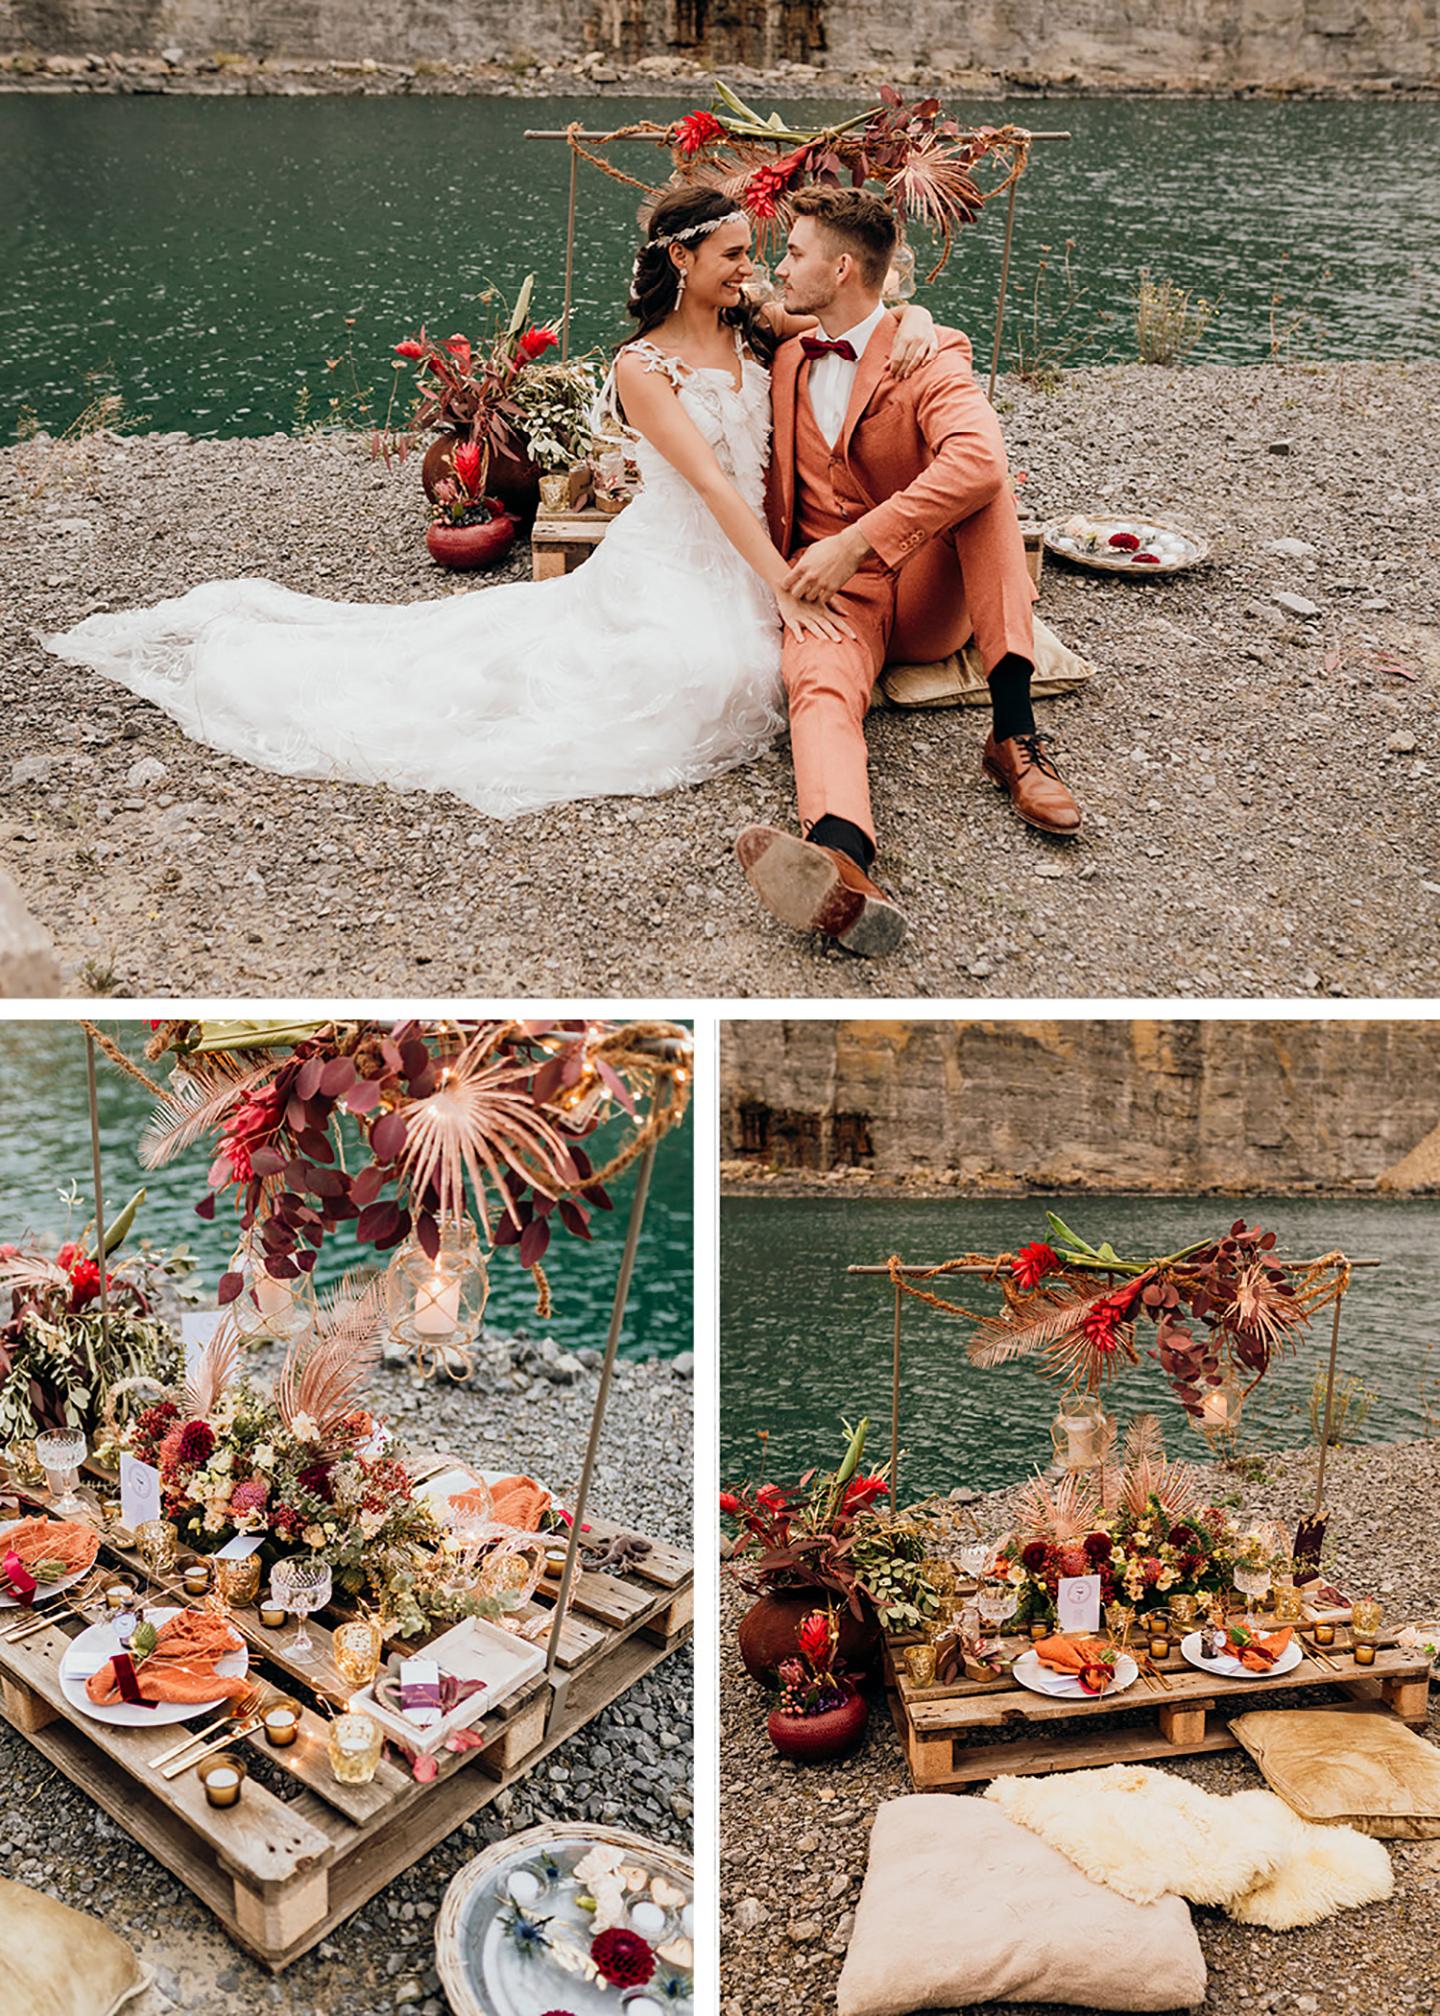 Die Hochzeitstafel und Blumendeko der Hochzeit sowie das auf Kissen sitzende Brautpaar vor dem Wasser im Steinbruch